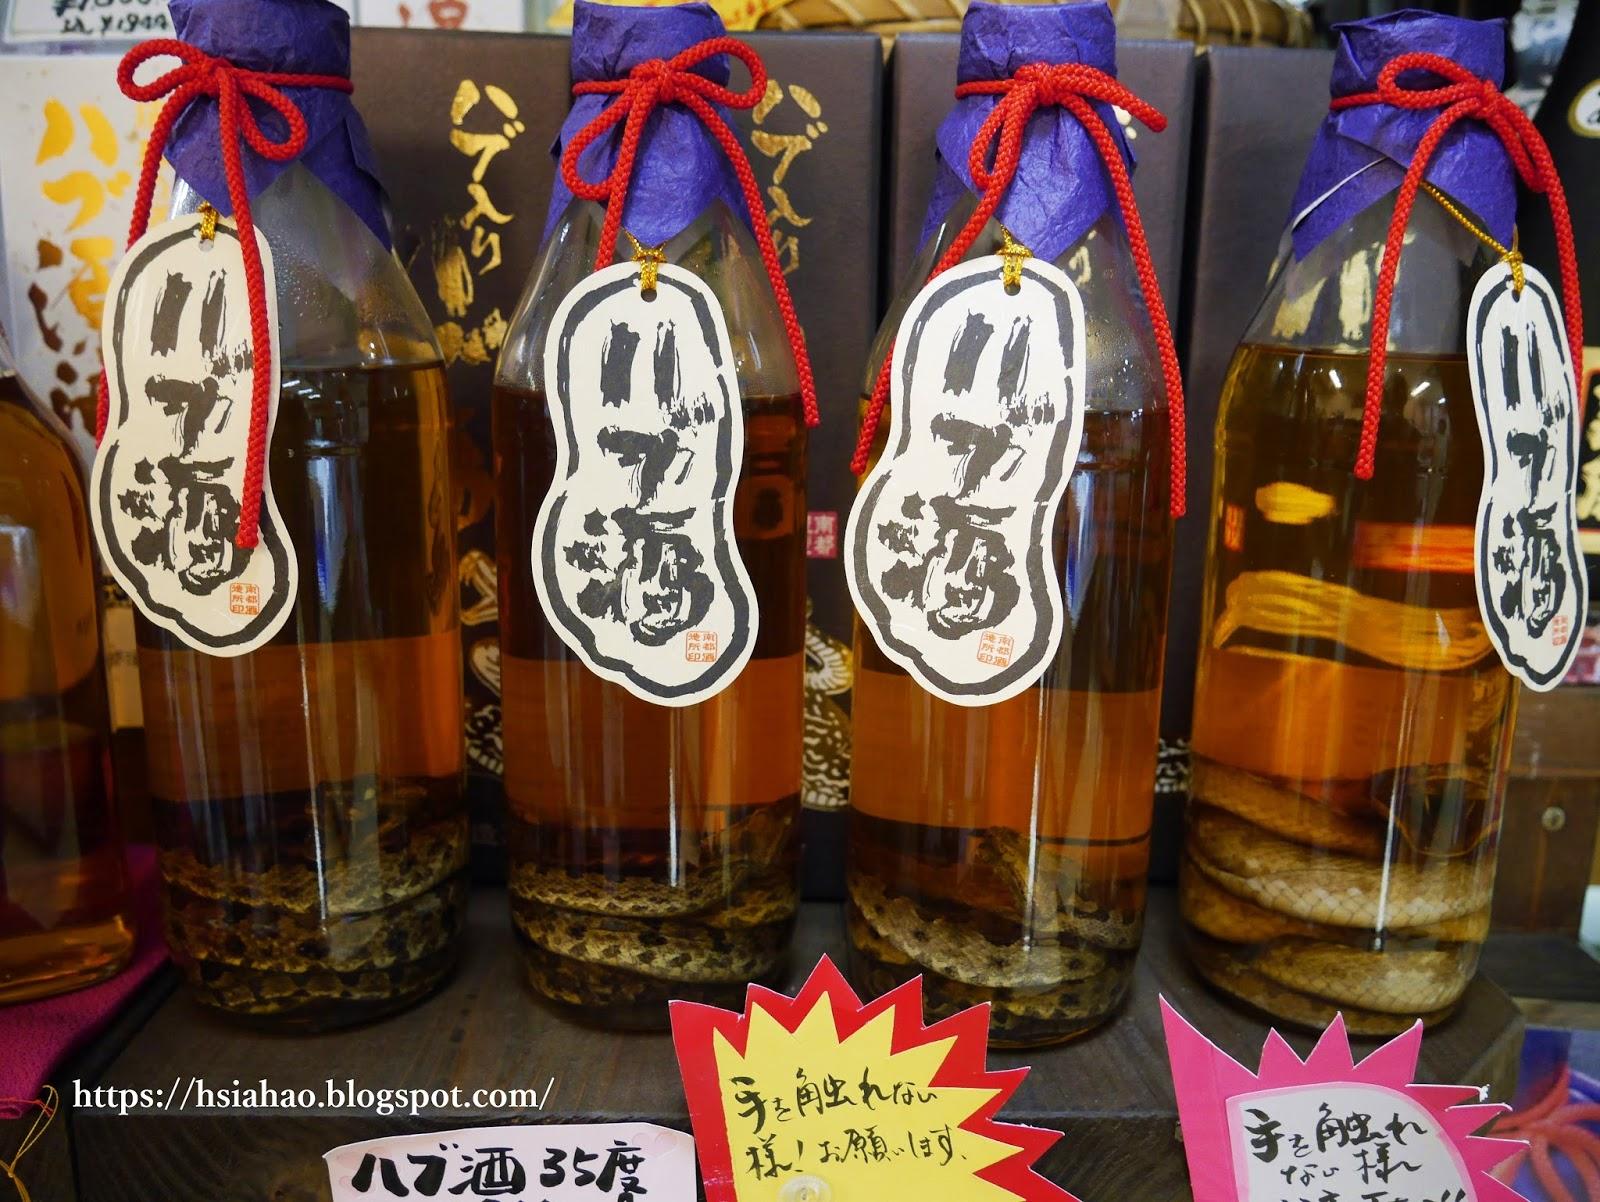 沖繩-美食-名產-伴手禮-Habu酒-毒蛇酒